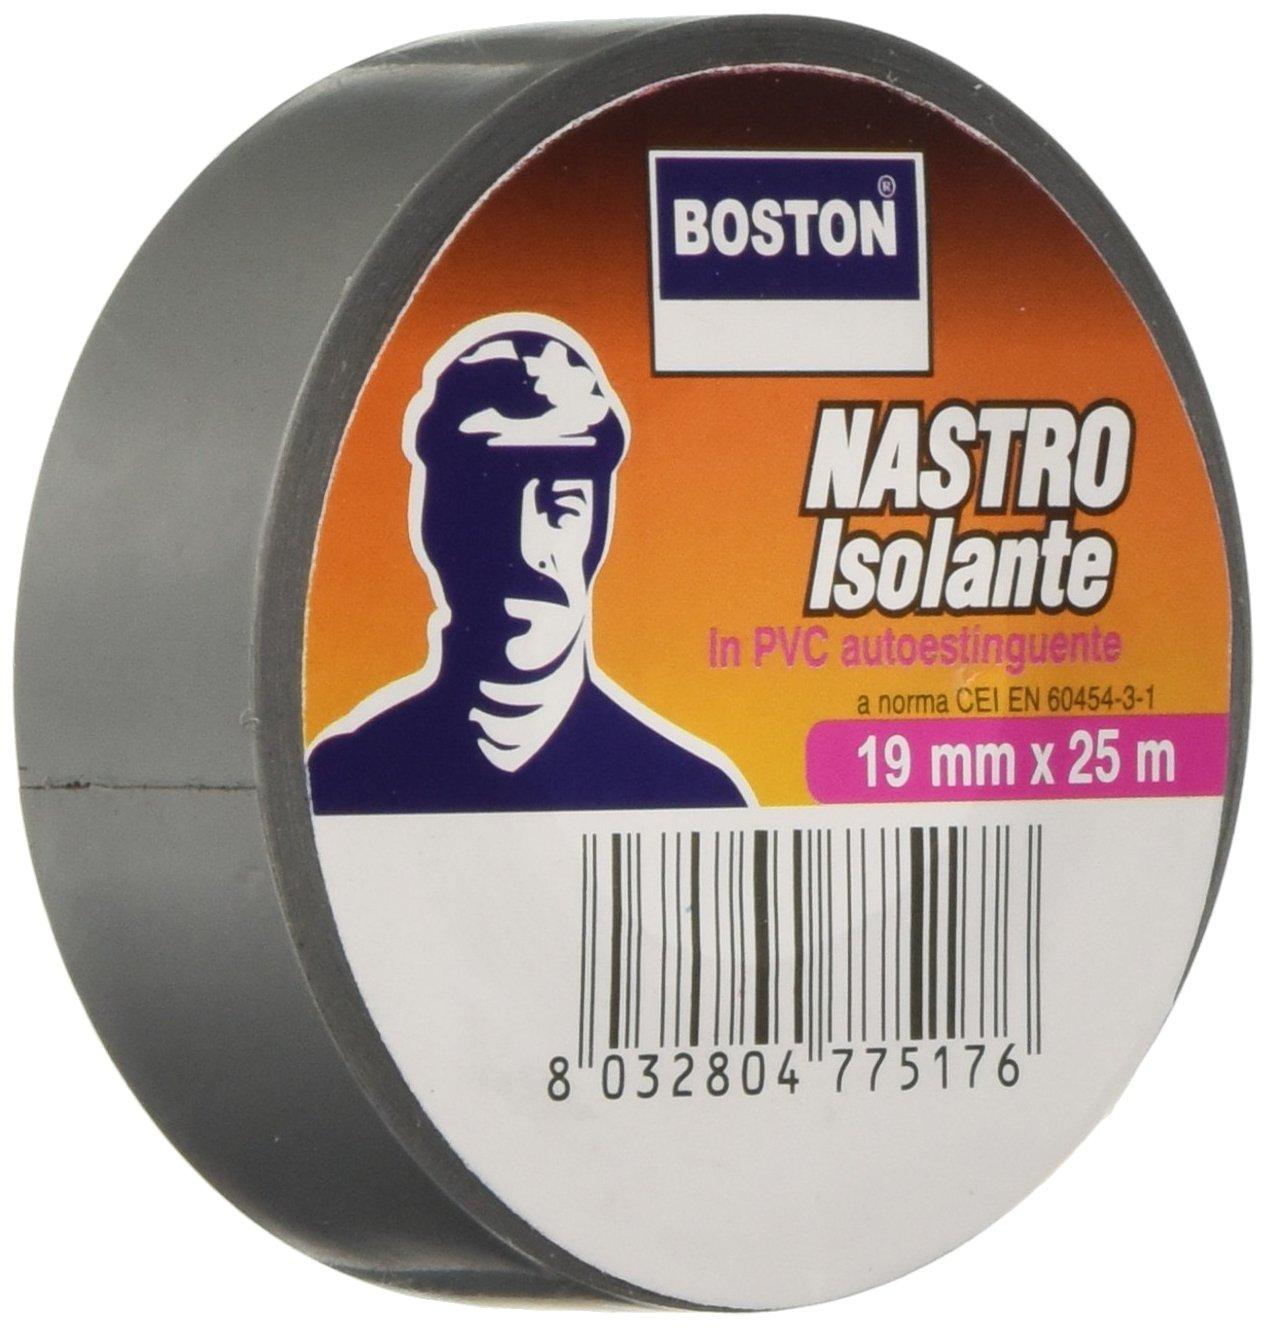 NASTRO ISOLANTE BOSTON AUTOESTINGUENTE